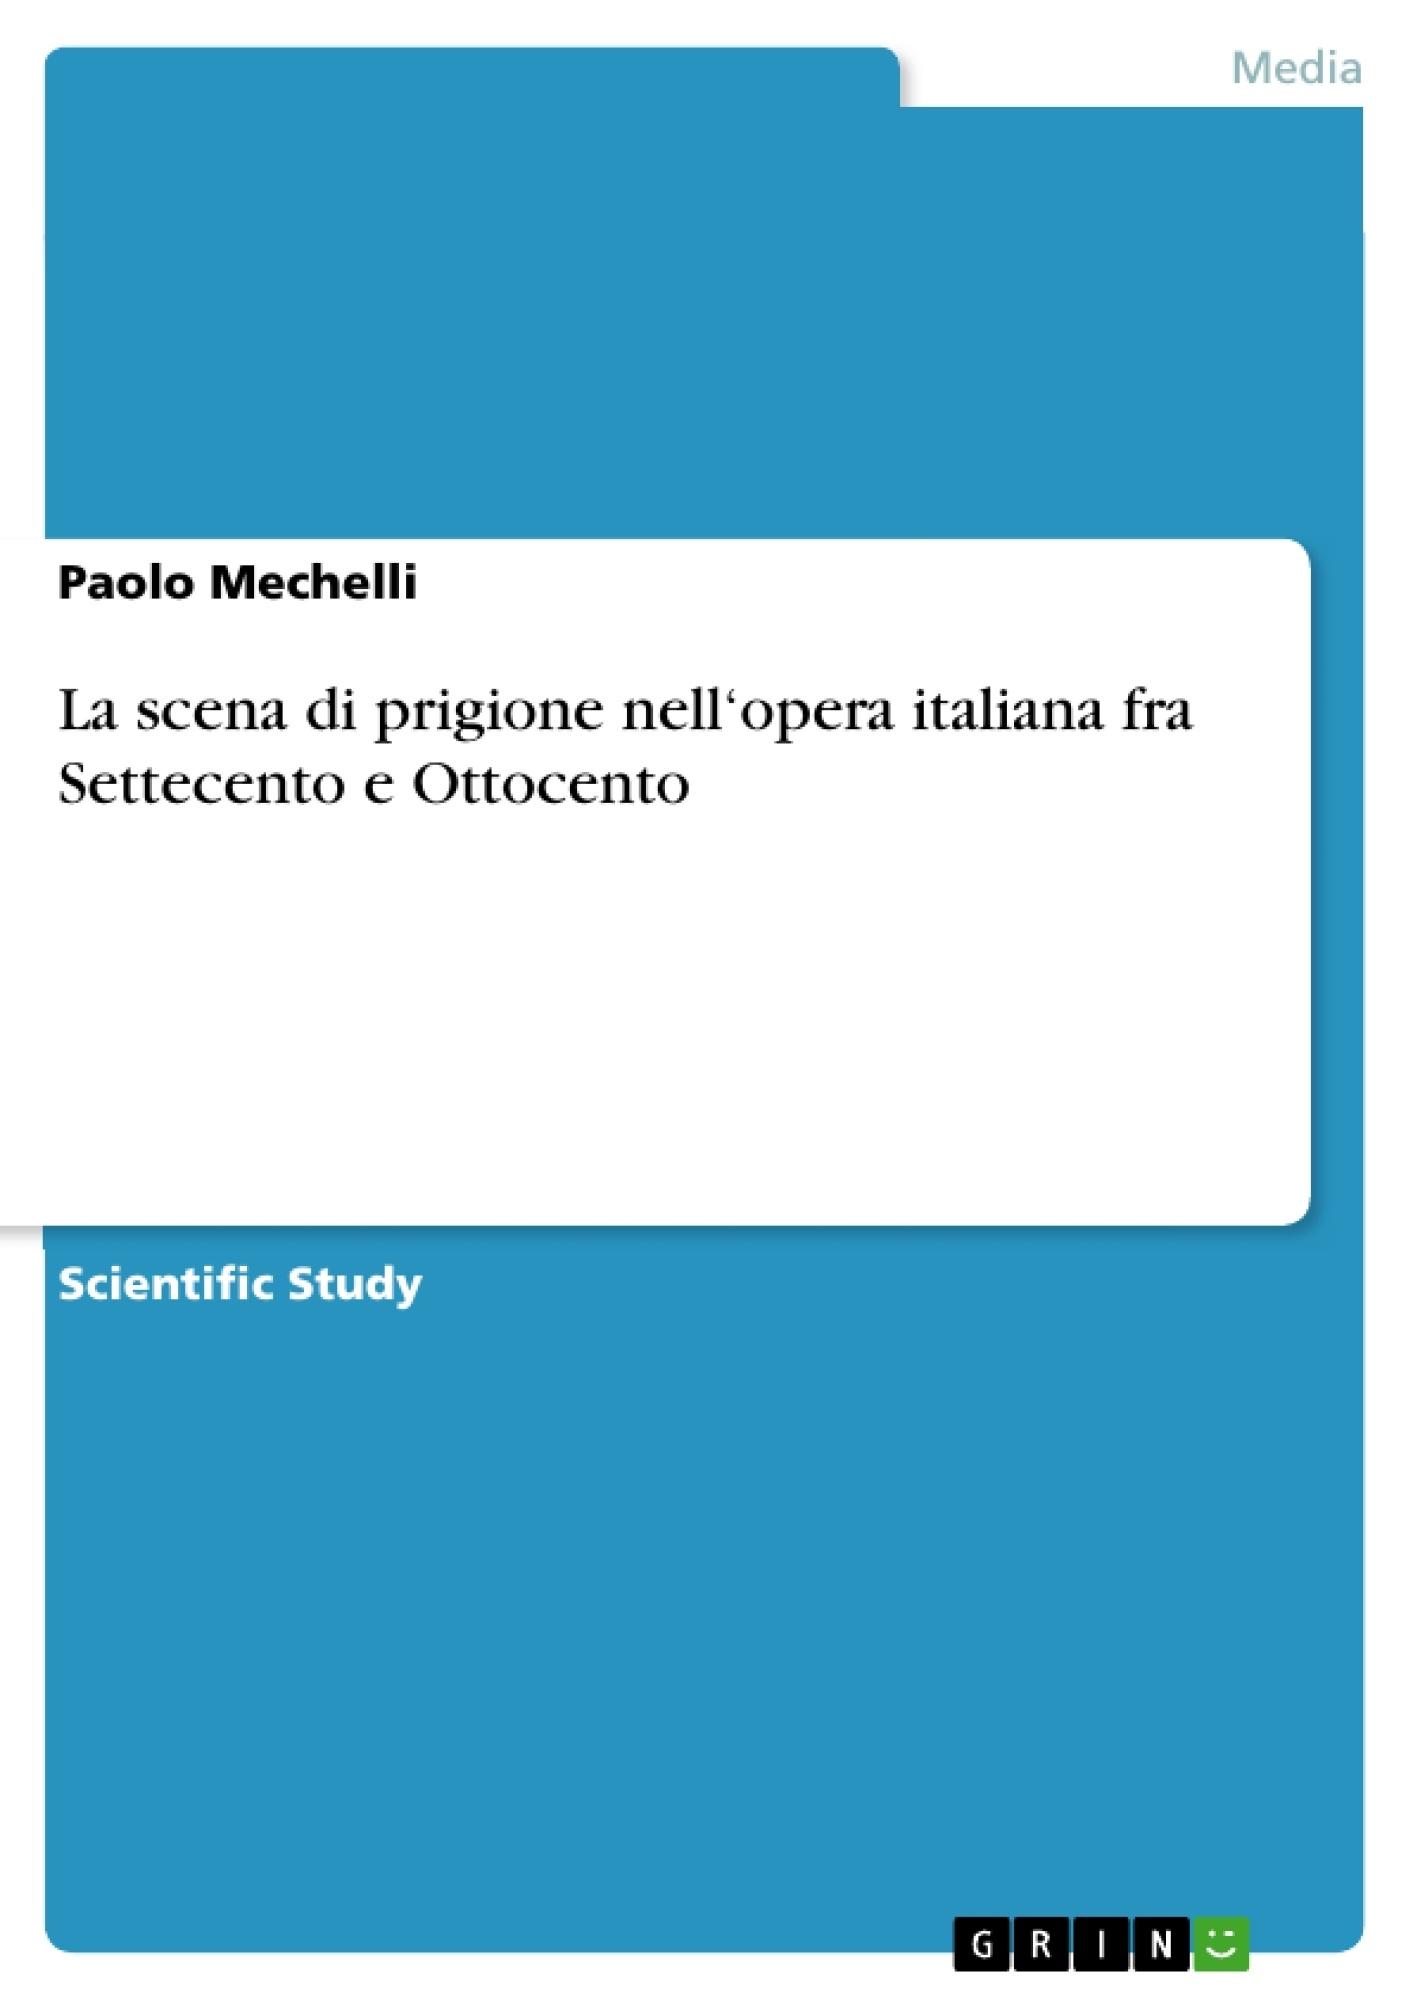 Title: La scena di prigione nell'opera italiana fra Settecento e Ottocento